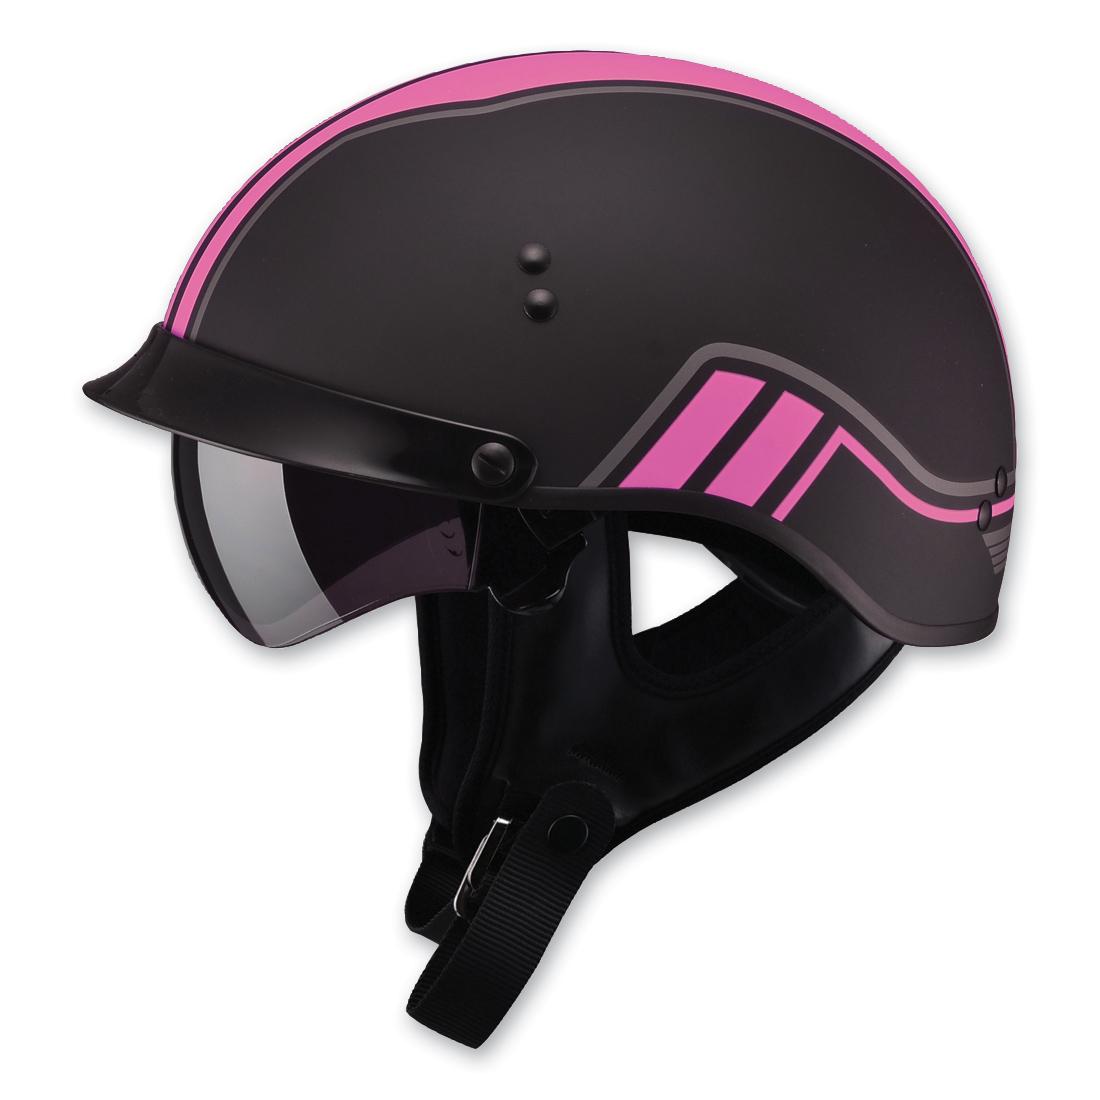 GMAX GM65 Full Dressed Twin Flat Black/Pink Half Helmet